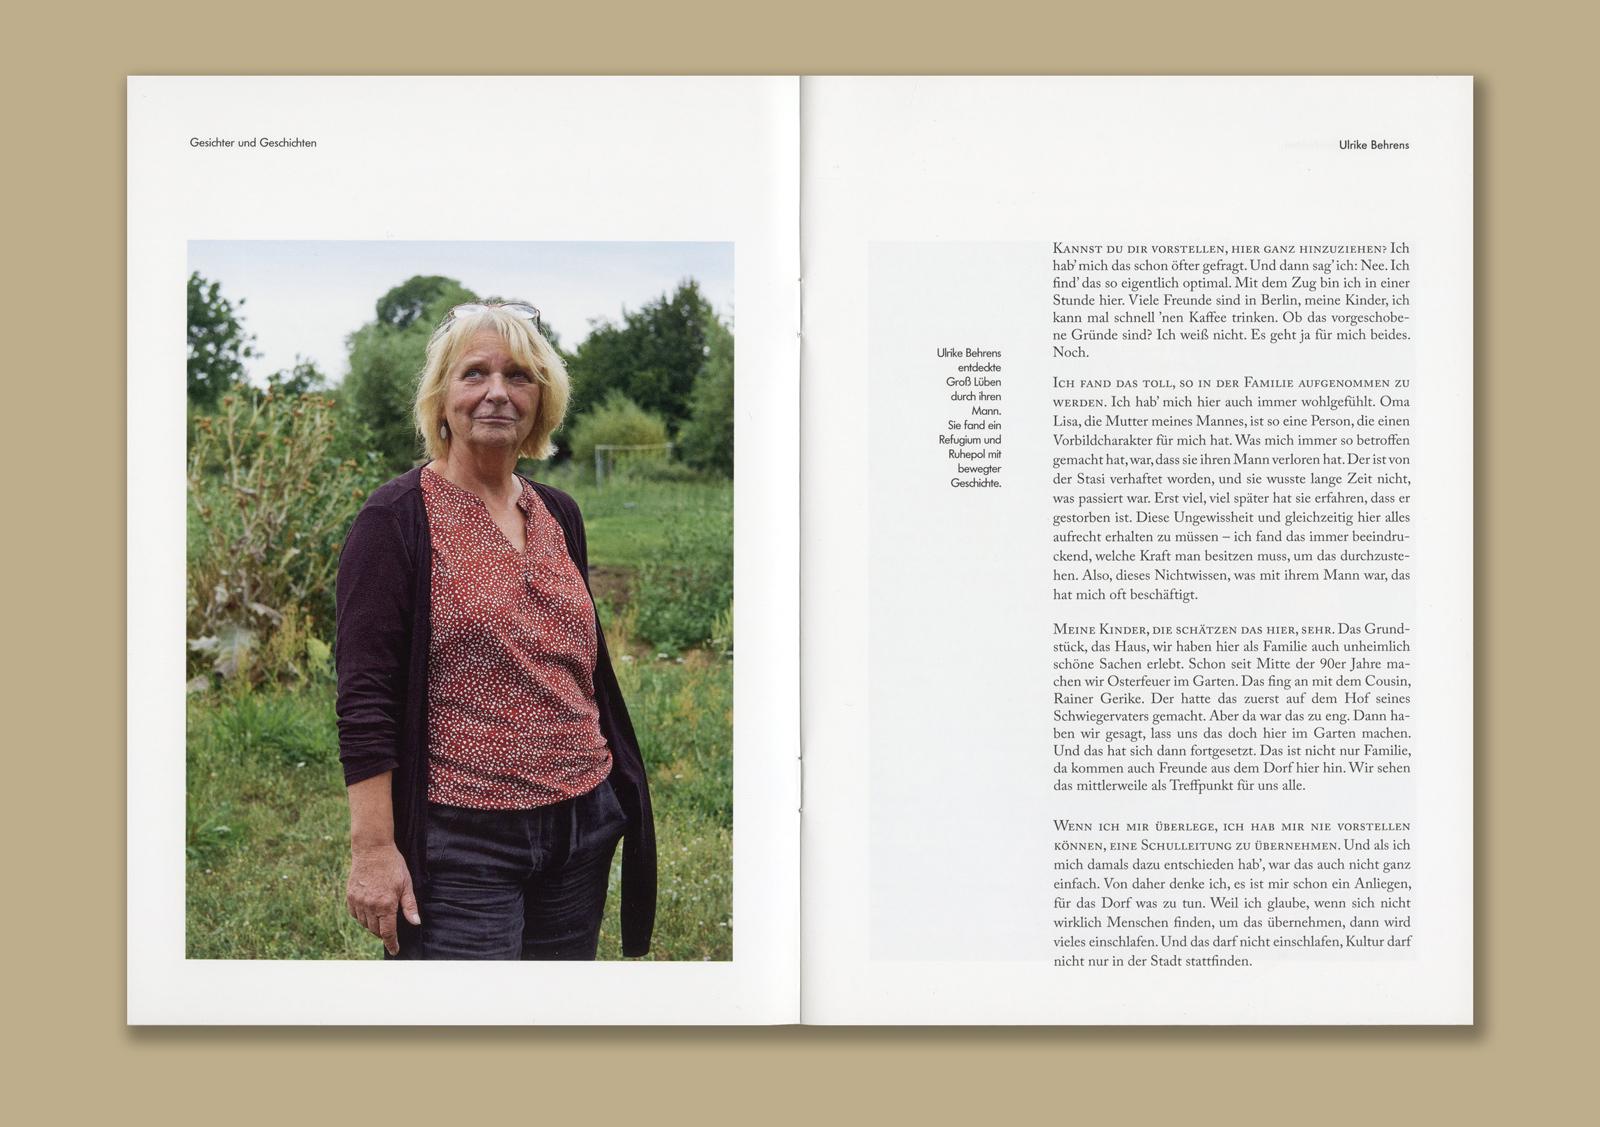 Alexander-Hilbert-Gesichter-Und-Geschichten-Krautin-Verlag7